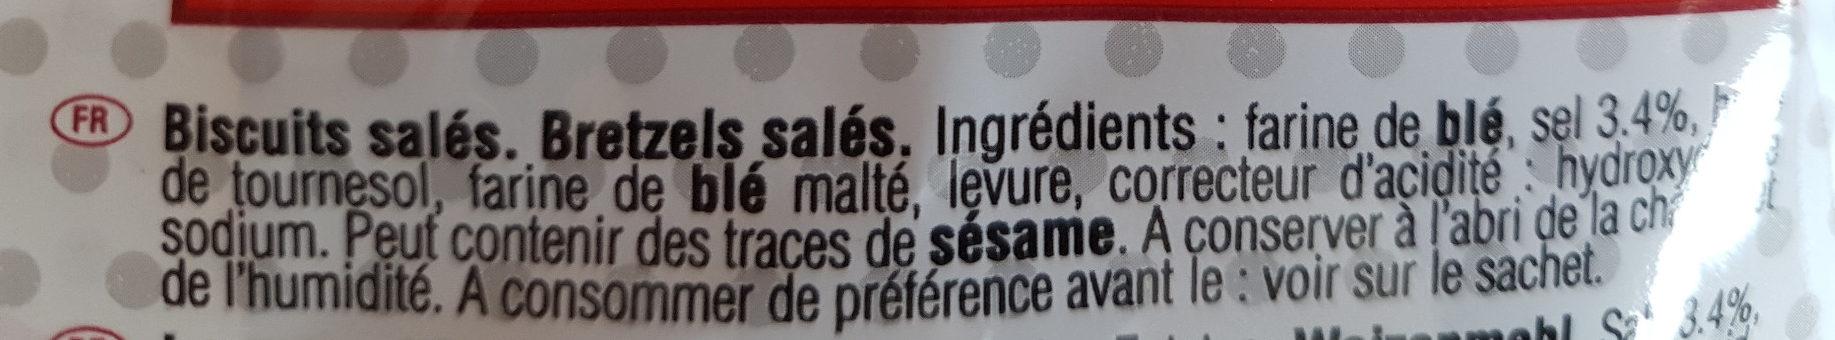 Sachet bretzels moyennes - Ingrédients - fr